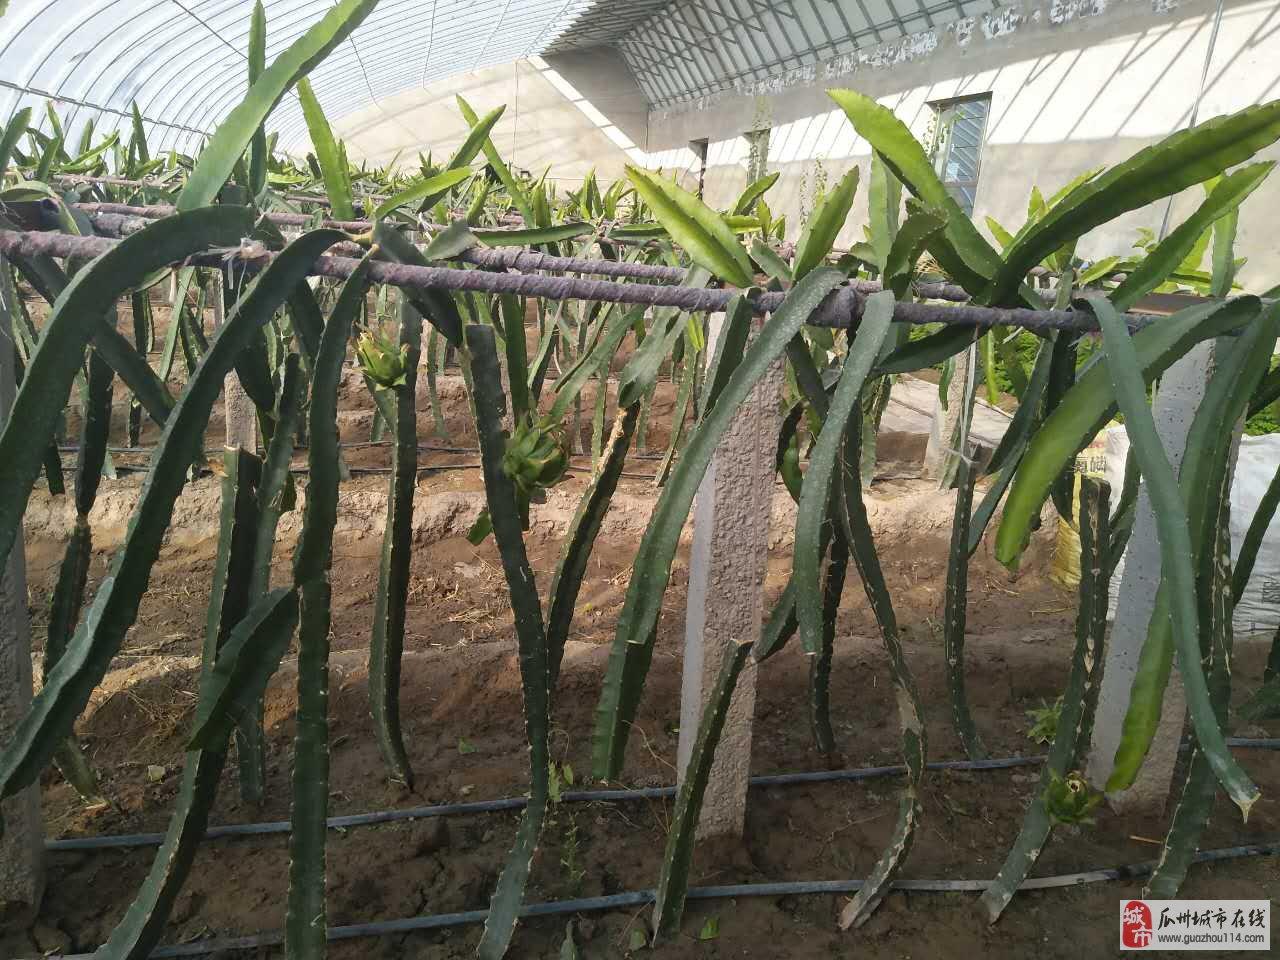 瓜州引进台湾火龙果首批果子即将成熟